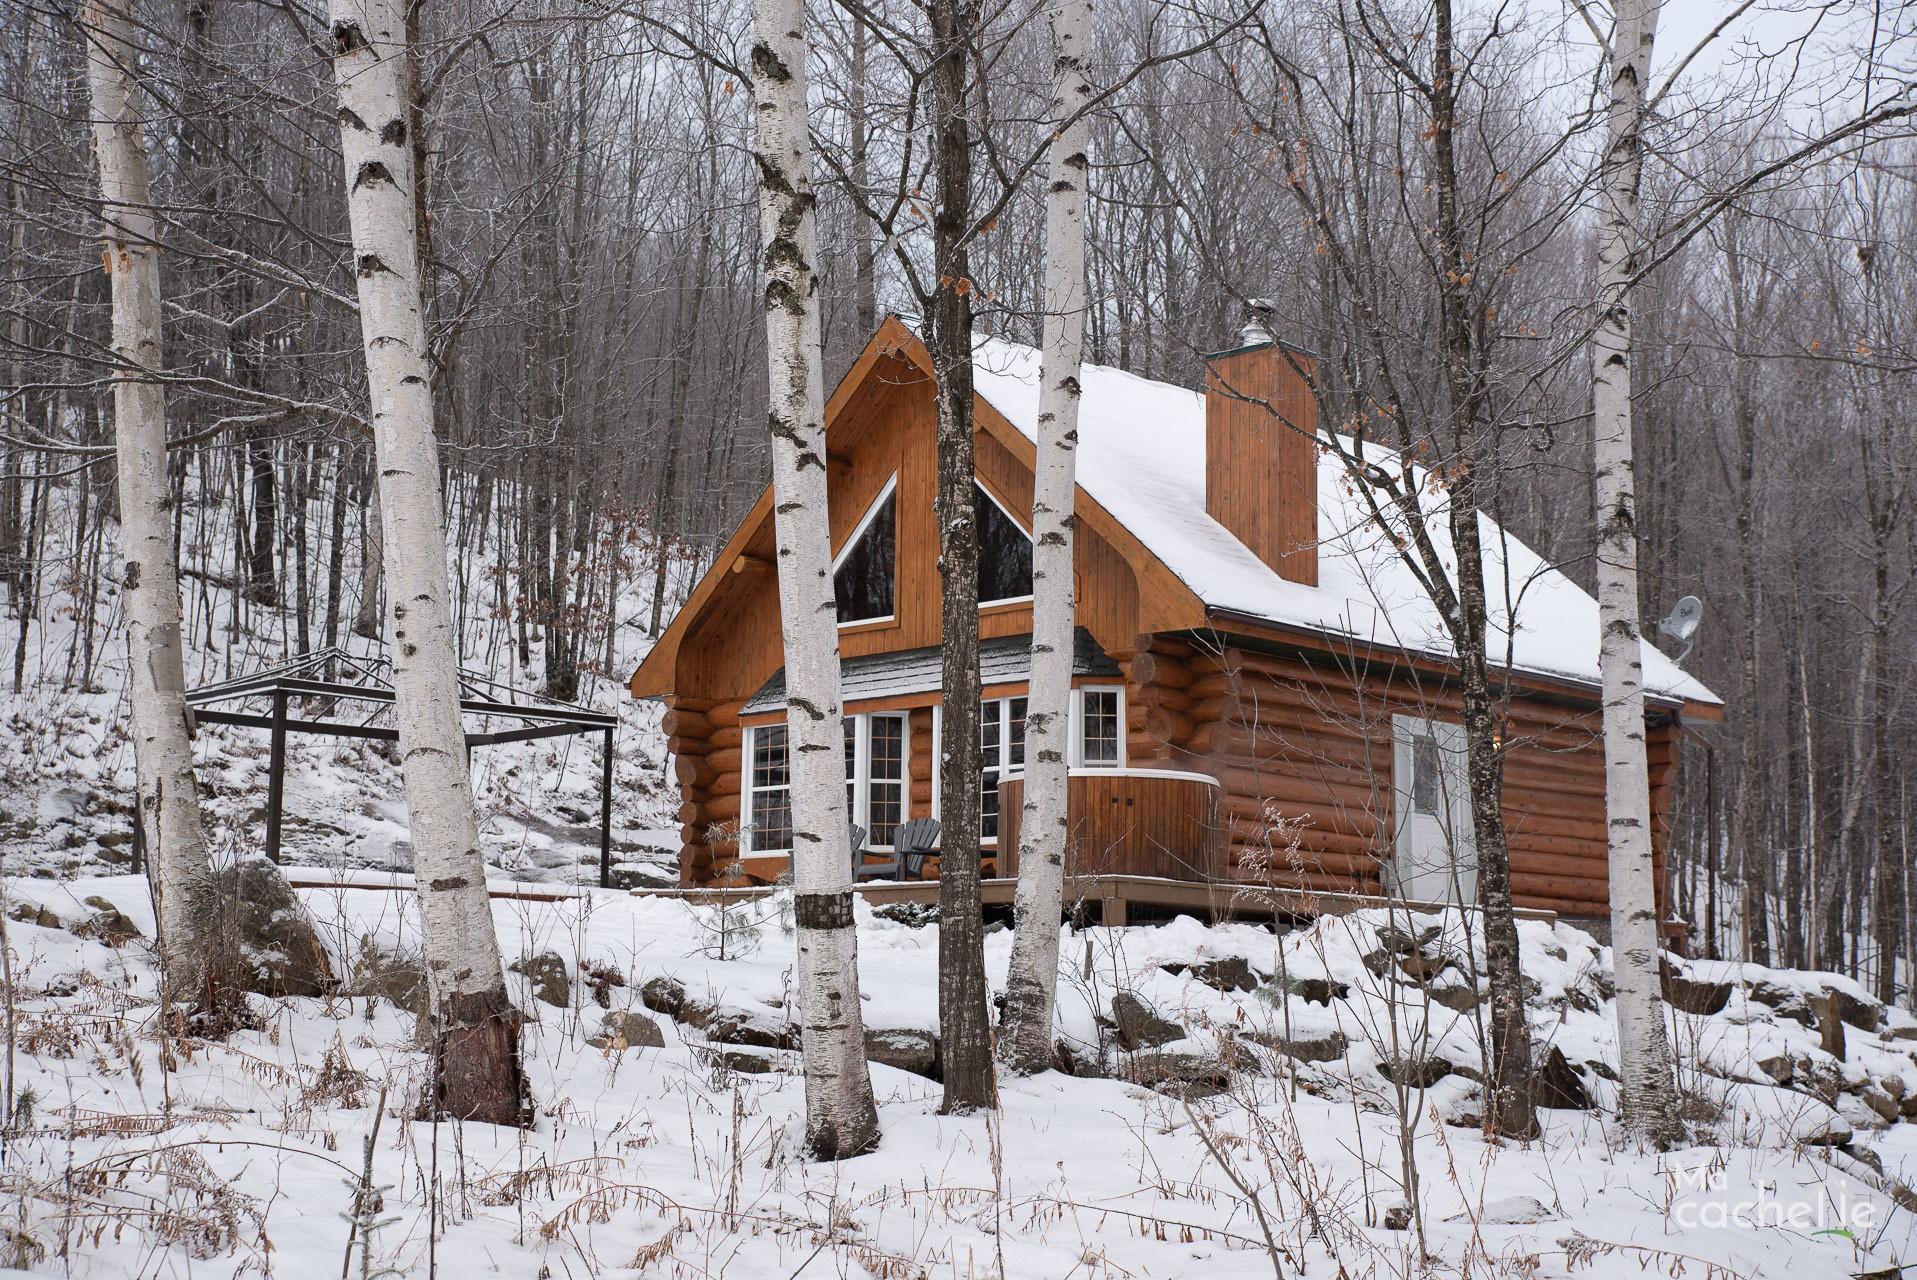 Petit Domaine forêt d'eau - Chalet bois rond à louer au Lac Simon - Terrain boisé de bouleaux